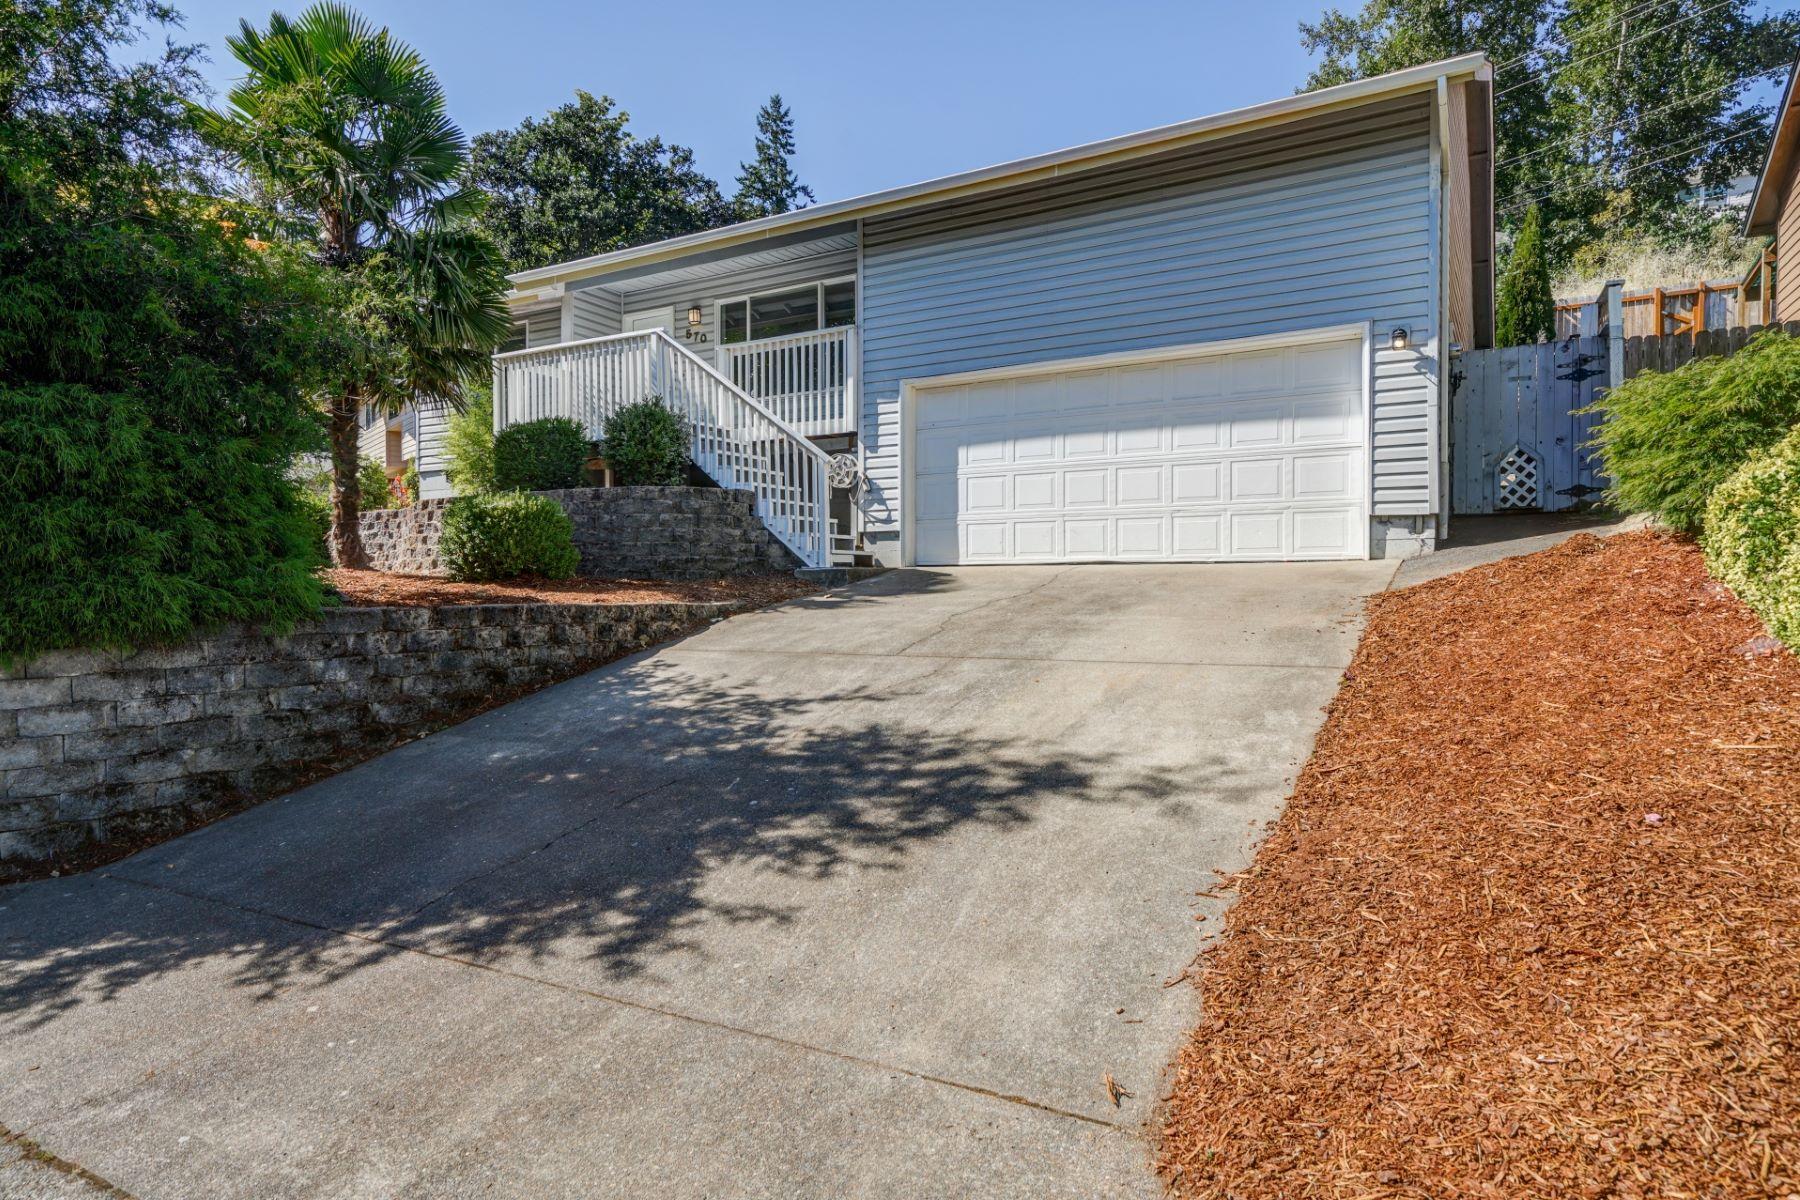 Single Family Homes for Active at West Salem Beginnings 570 Upper Lavista Salem, Oregon 97304 United States